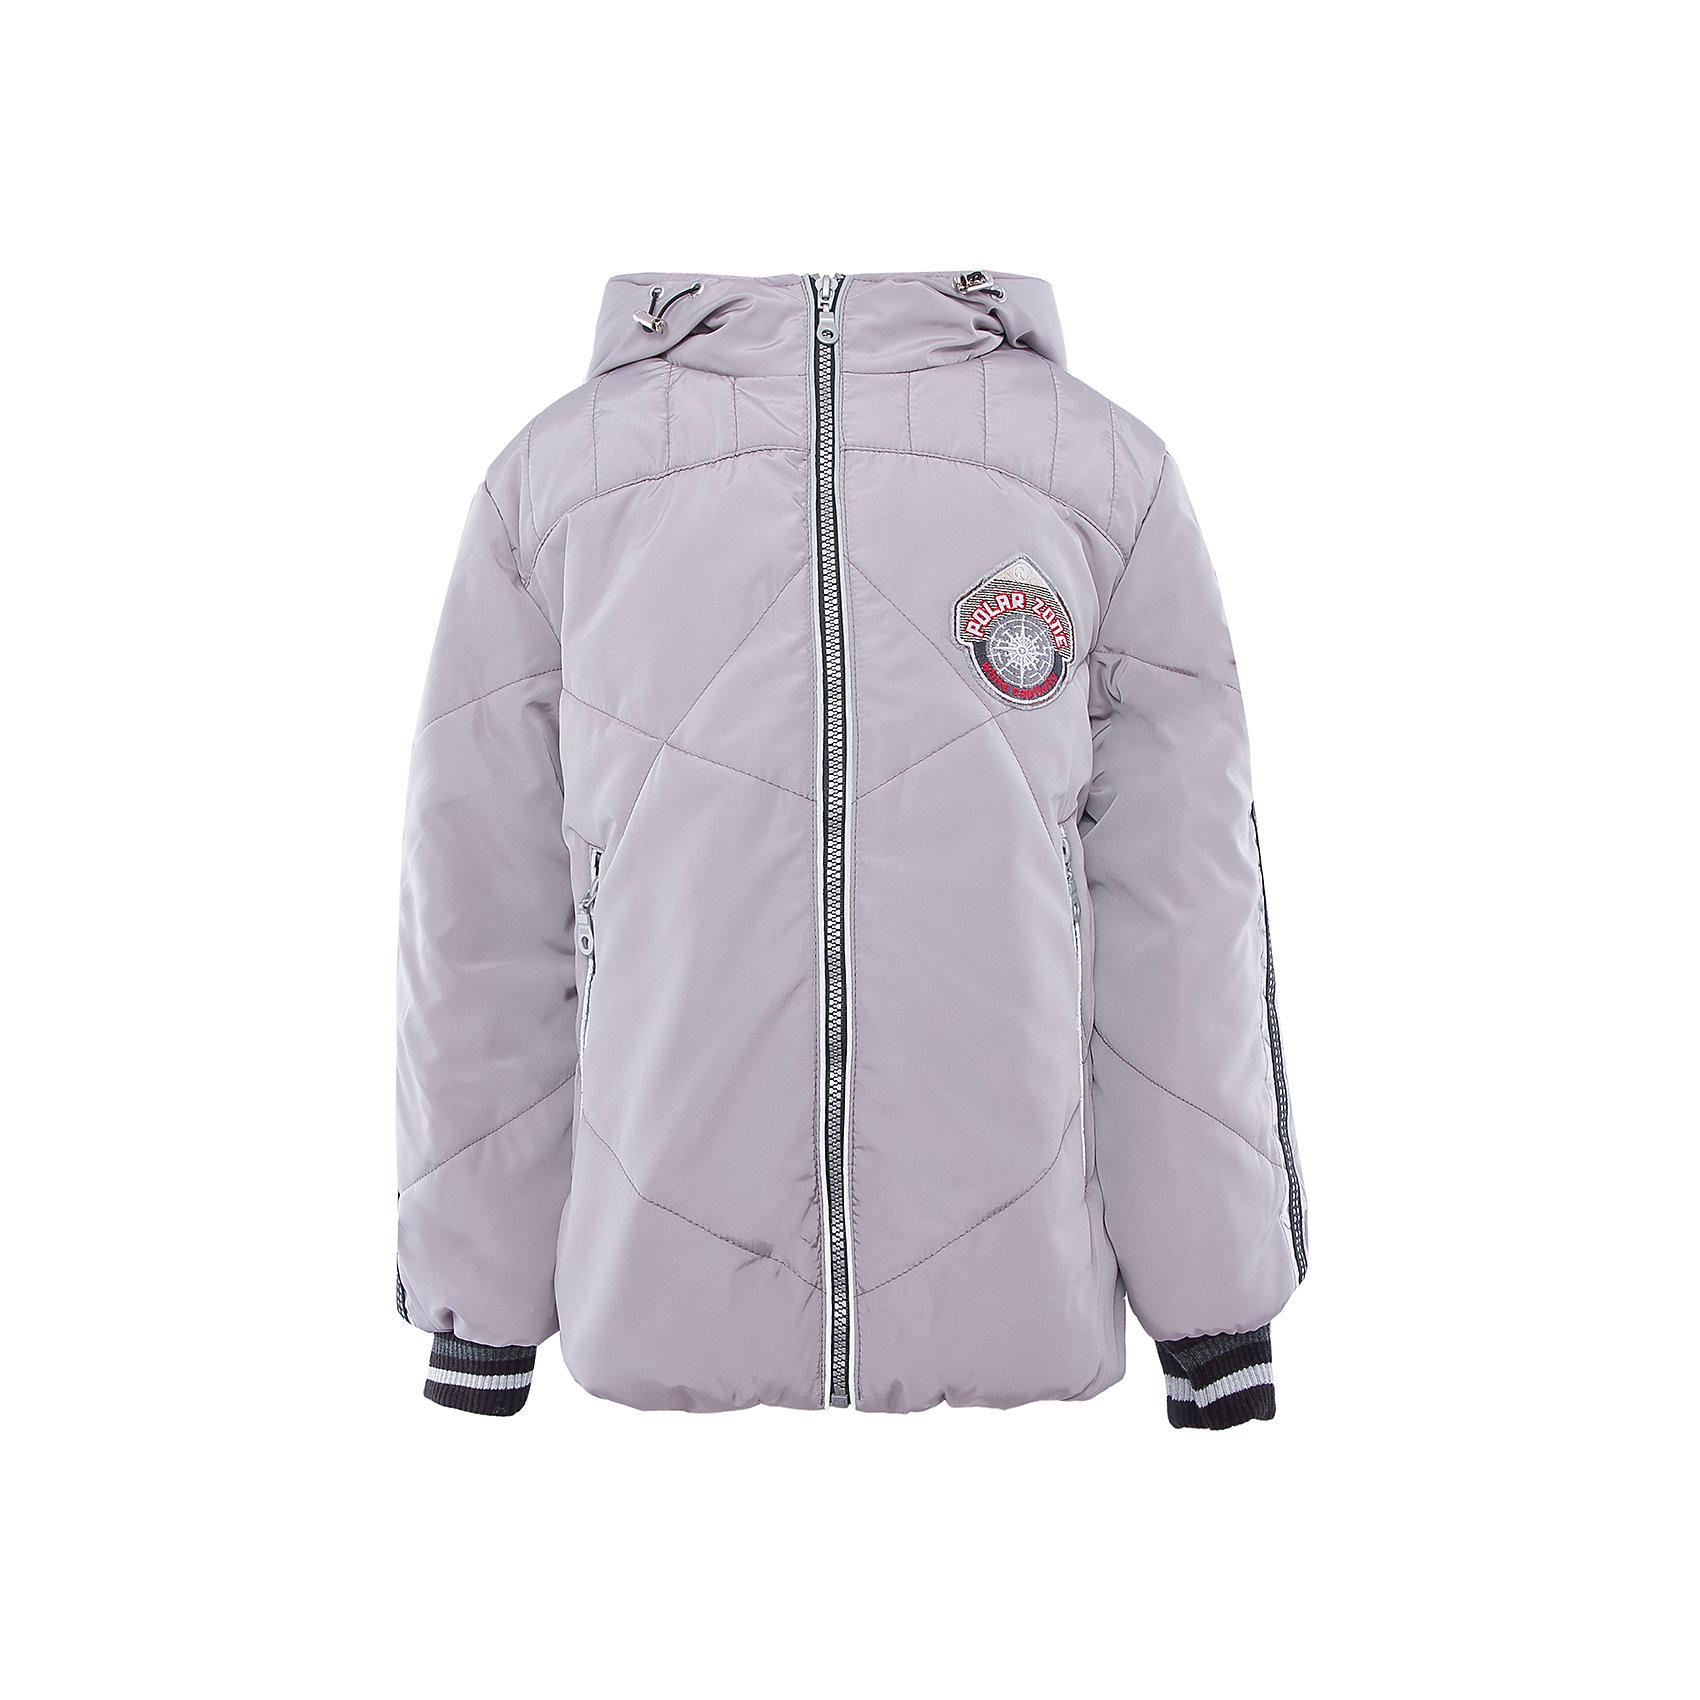 Куртка для мальчика АртельВерхняя одежда<br>Куртка для мальчика от известного бренда Артель<br>Куртка прямого силуэта. Капюшон может использоваться как оригинальный воротник, т.к. имеет молнию по-середине. По низу куртка отделанадекоративной резинкой, что позволяет изделиюмаксимально прилегать и не пропускать холод. Рукава декорированы светоотражающей тесьмой. Низ <br>Состав:<br>Верх: Принц<br>Подкладка: сорочка<br>Утеплитель: термофайбер 200гр<br><br>Ширина мм: 356<br>Глубина мм: 10<br>Высота мм: 245<br>Вес г: 519<br>Цвет: серый<br>Возраст от месяцев: 84<br>Возраст до месяцев: 96<br>Пол: Мужской<br>Возраст: Детский<br>Размер: 128,158,134,140,146,152<br>SKU: 4963609